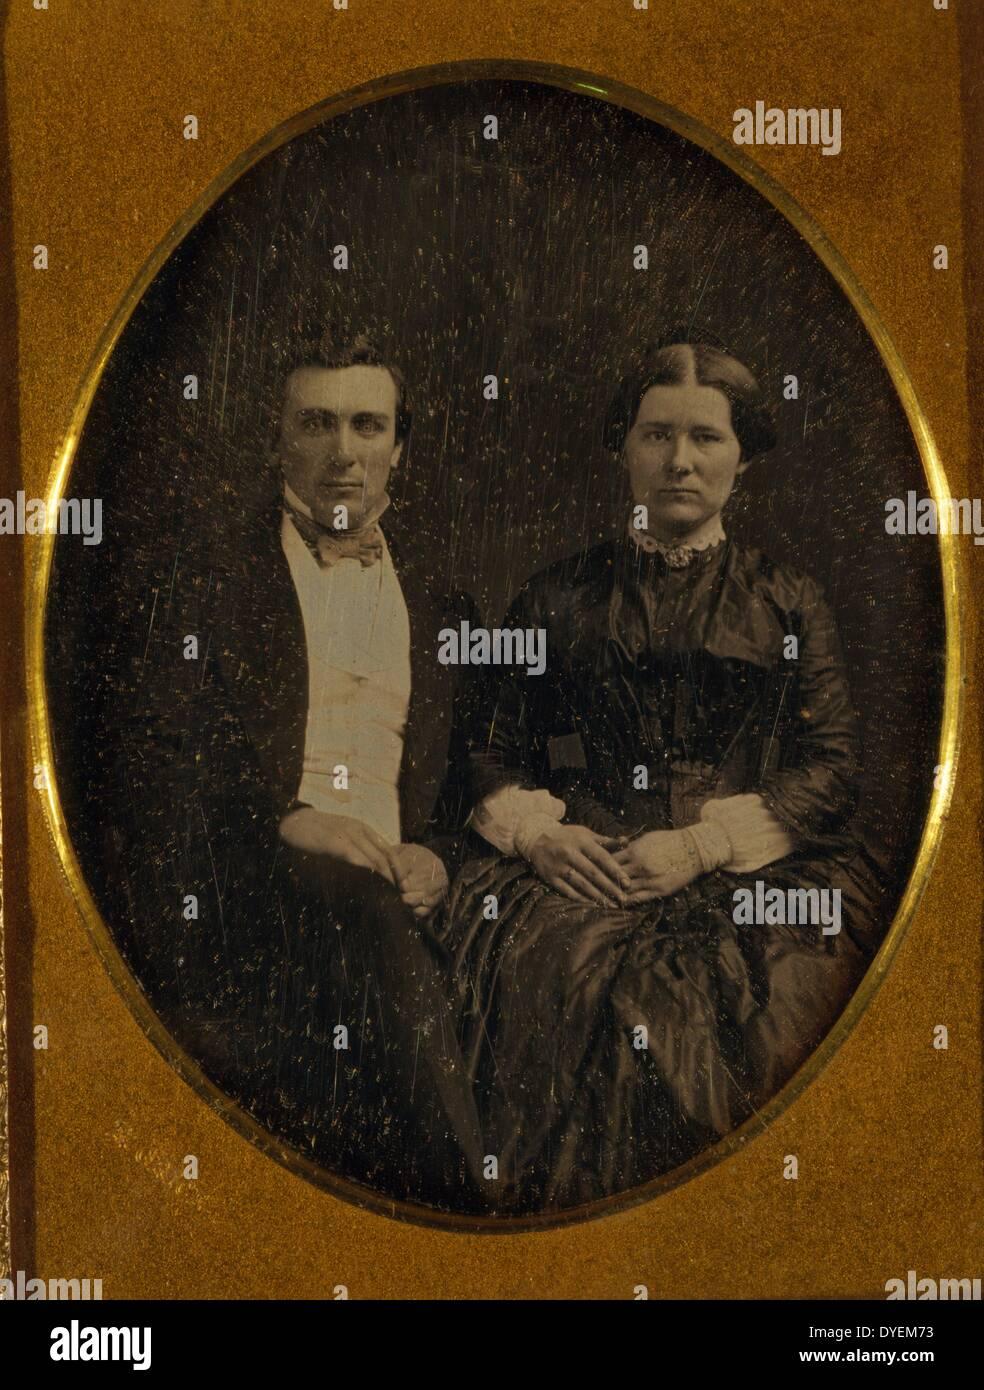 L'homme et la femme non identifiés, trois-quarts portrait en pied, assis, par Francis Grice, photographe. 1855: Photo Stock